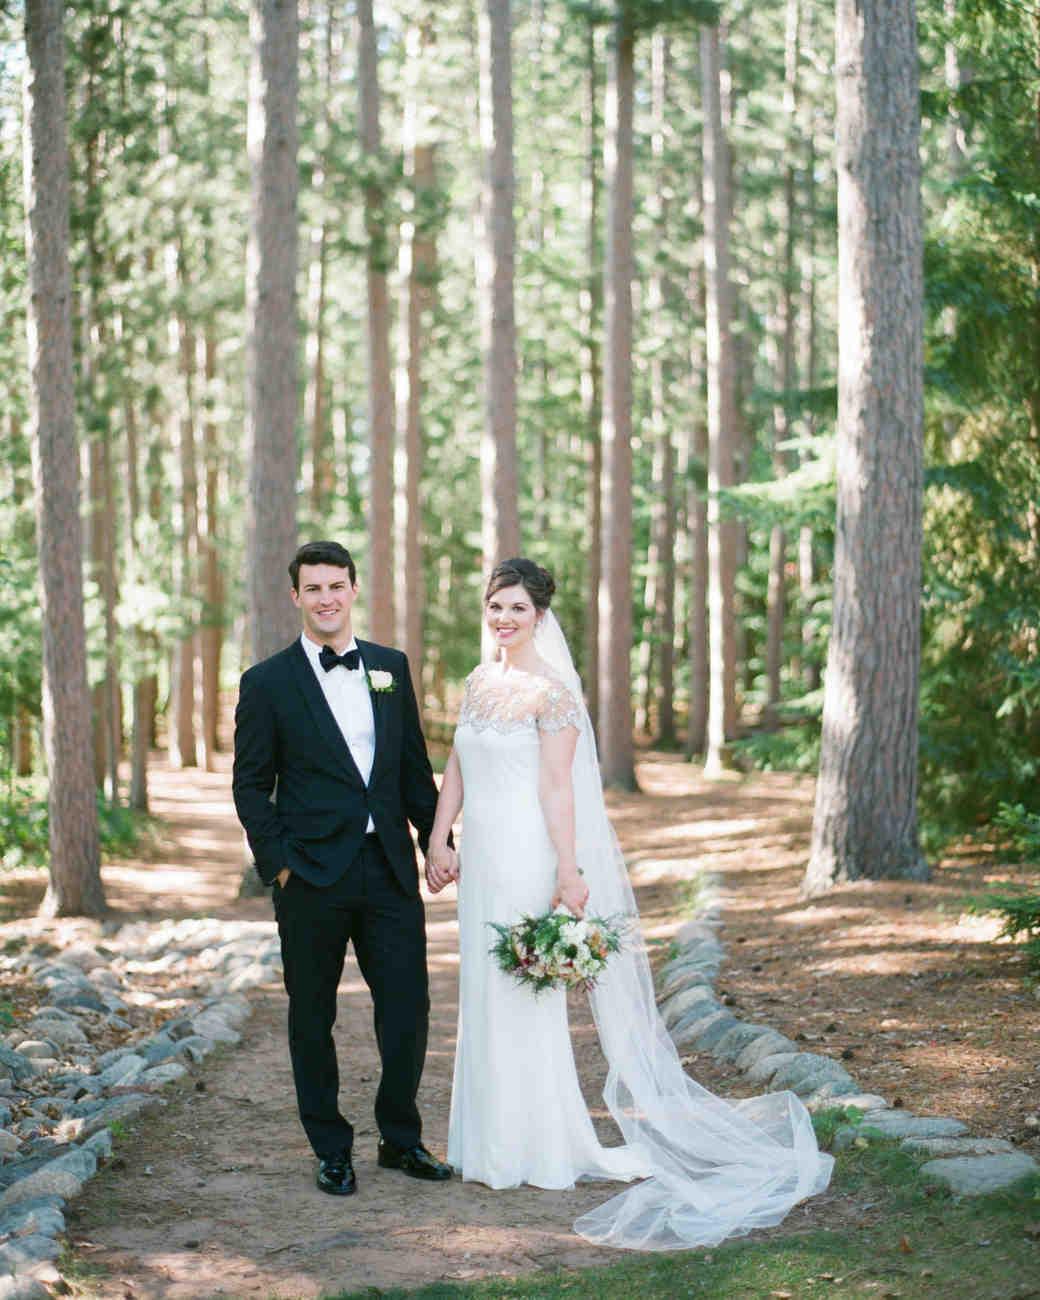 sara-nick-wedding-couple-263-s111719-1214.jpg